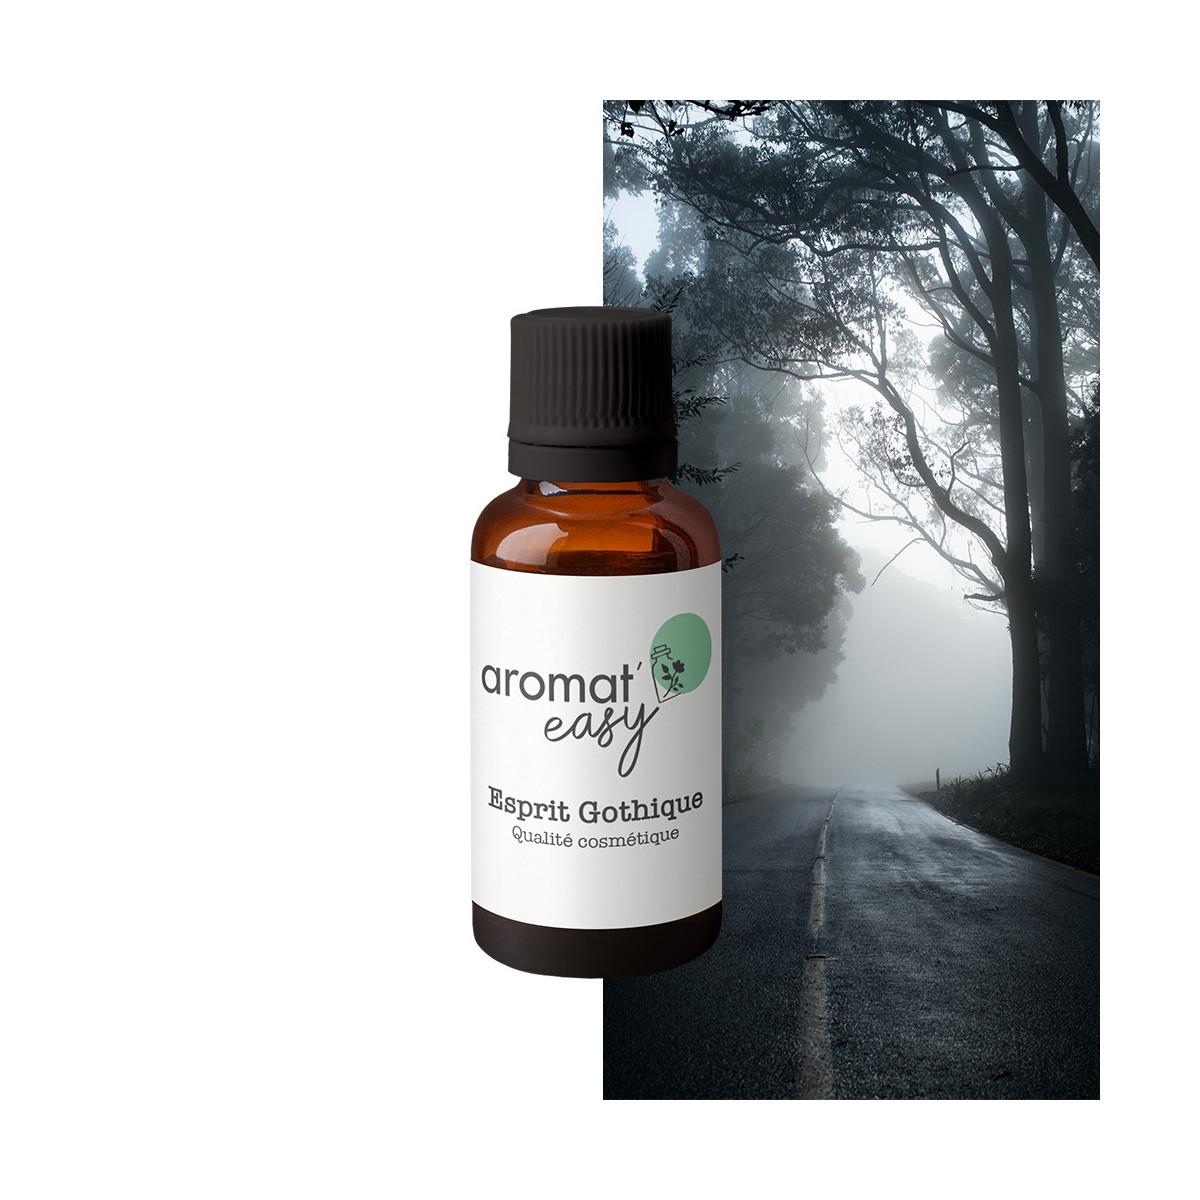 Fragrance Esprit Gothique